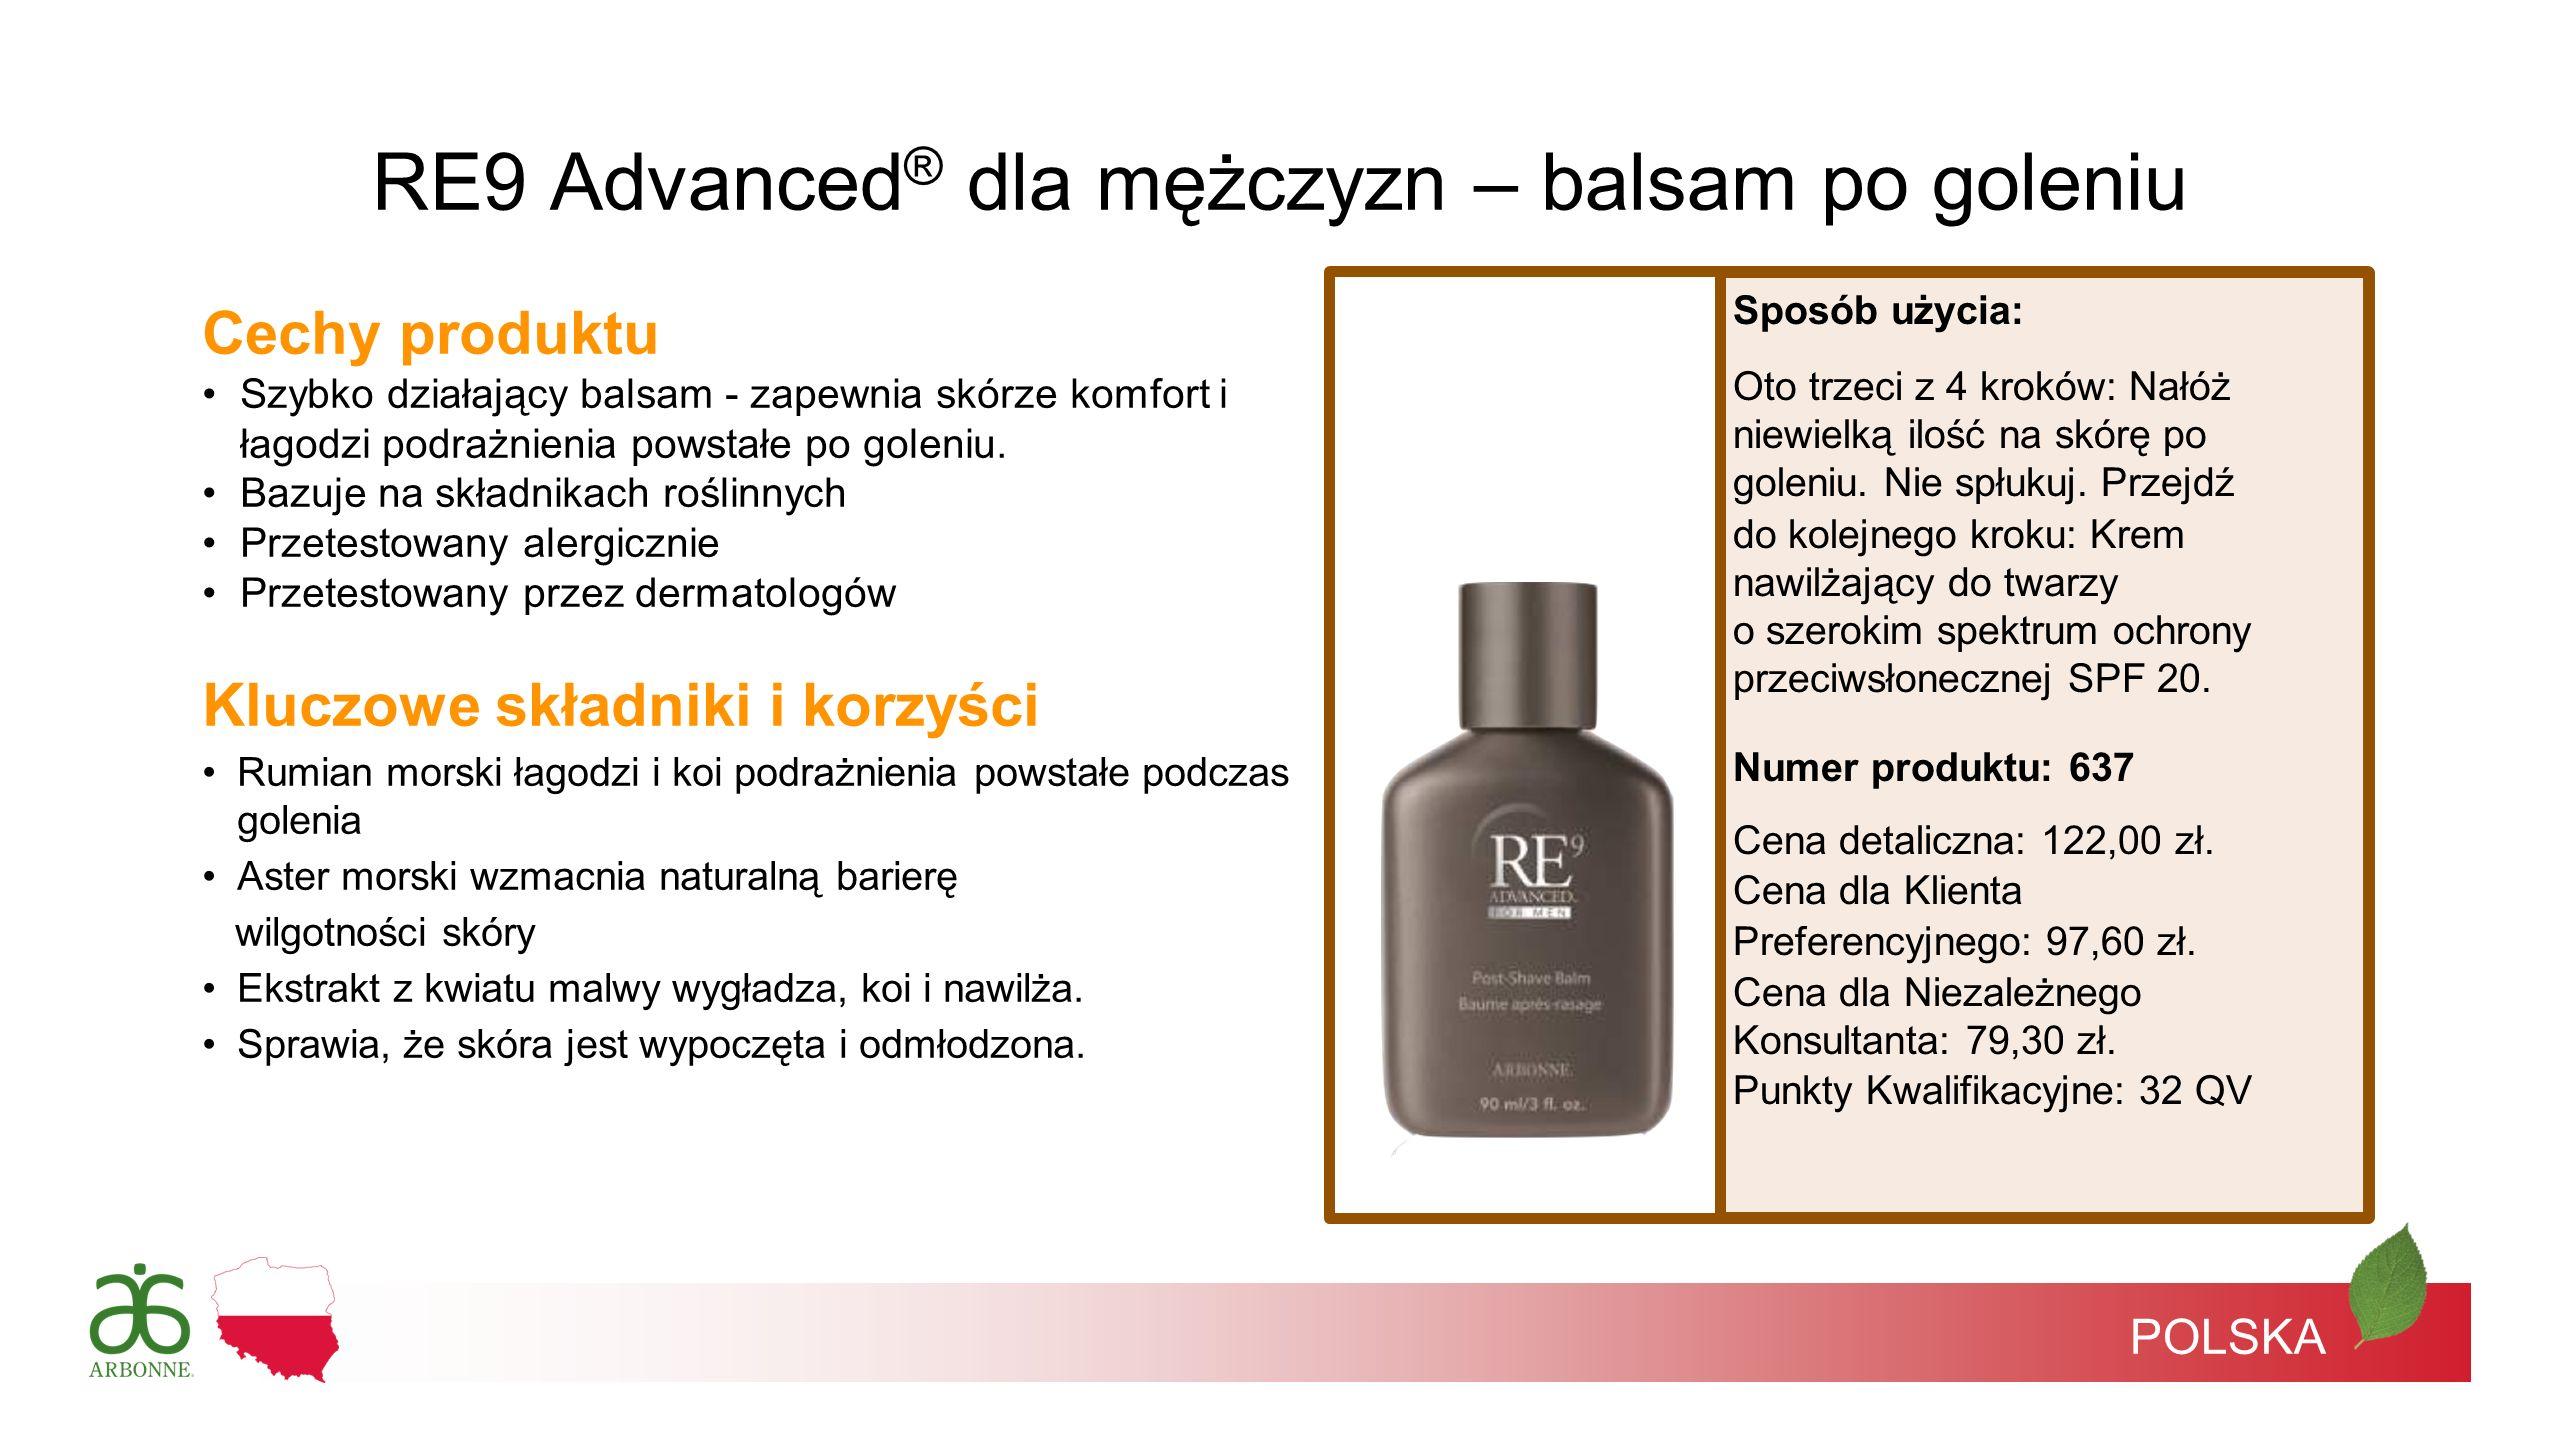 RE9 Advanced® dla mężczyzn – balsam po goleniu